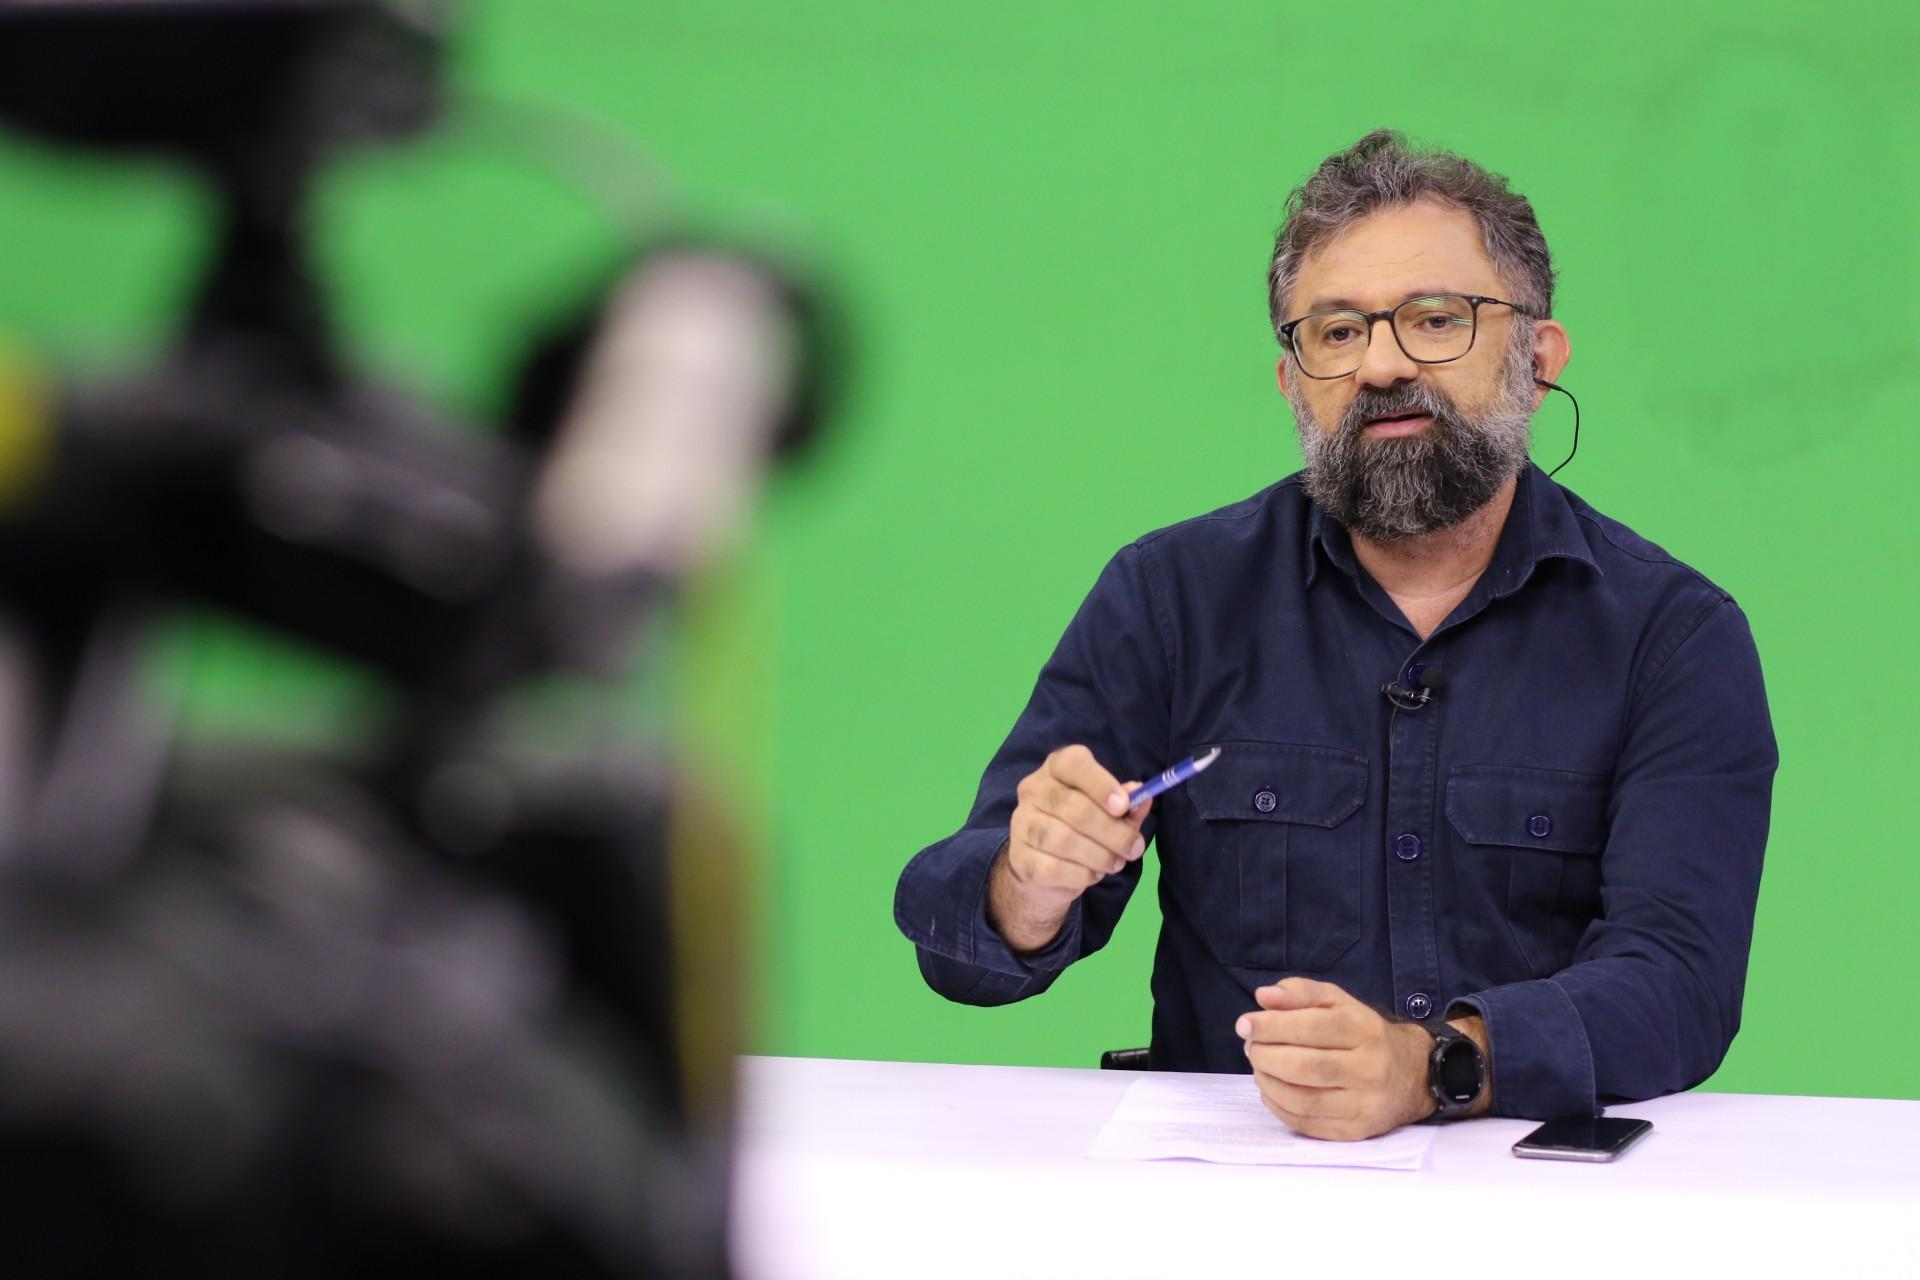 JORNALISTA Jocélio Leal apresenta os programas especiais do Anuário